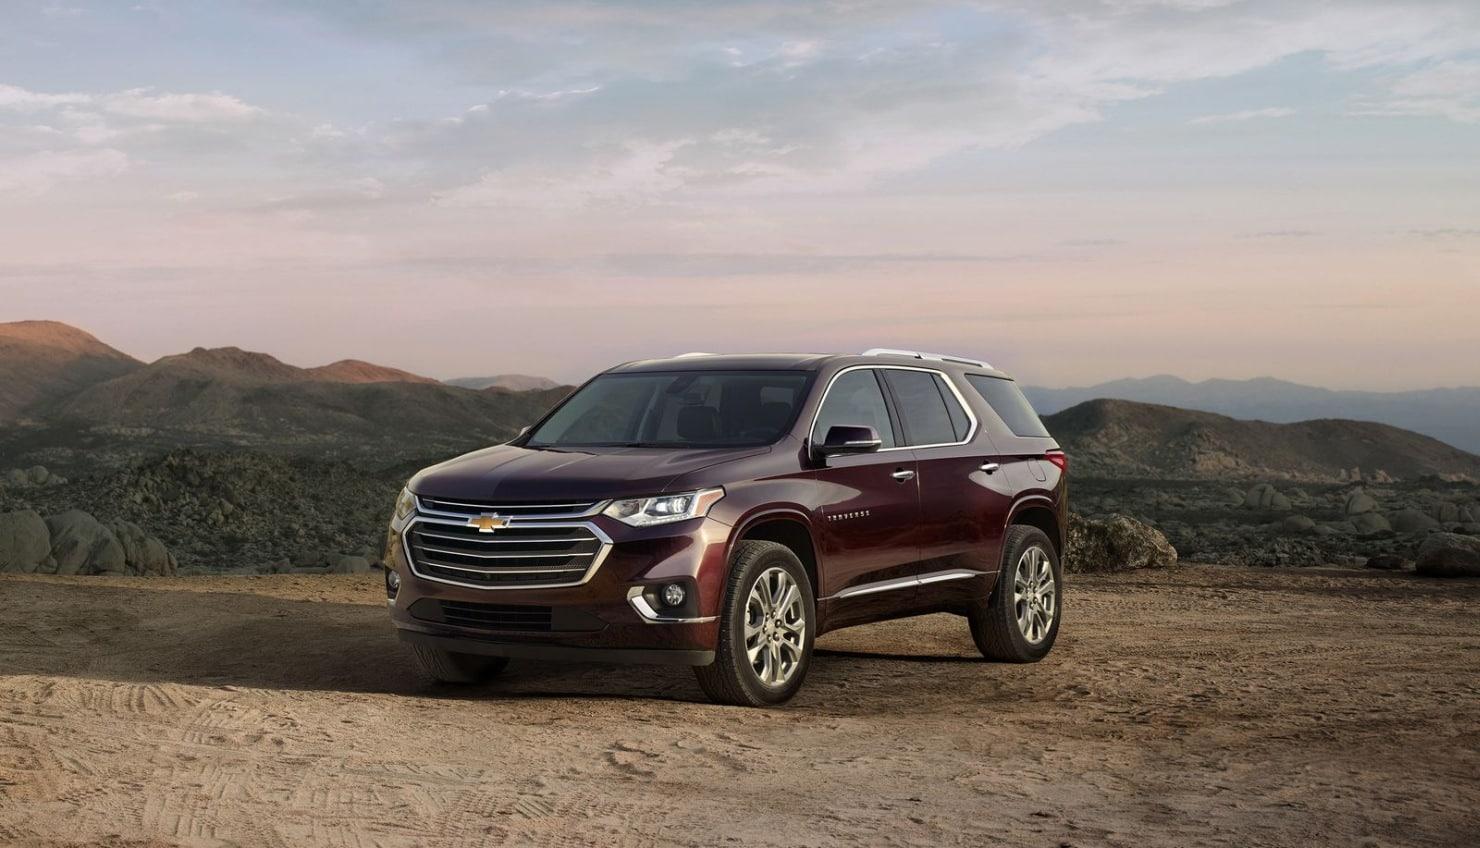 El Chevrolet Traverse estrena aspecto: No lo verás en Europa